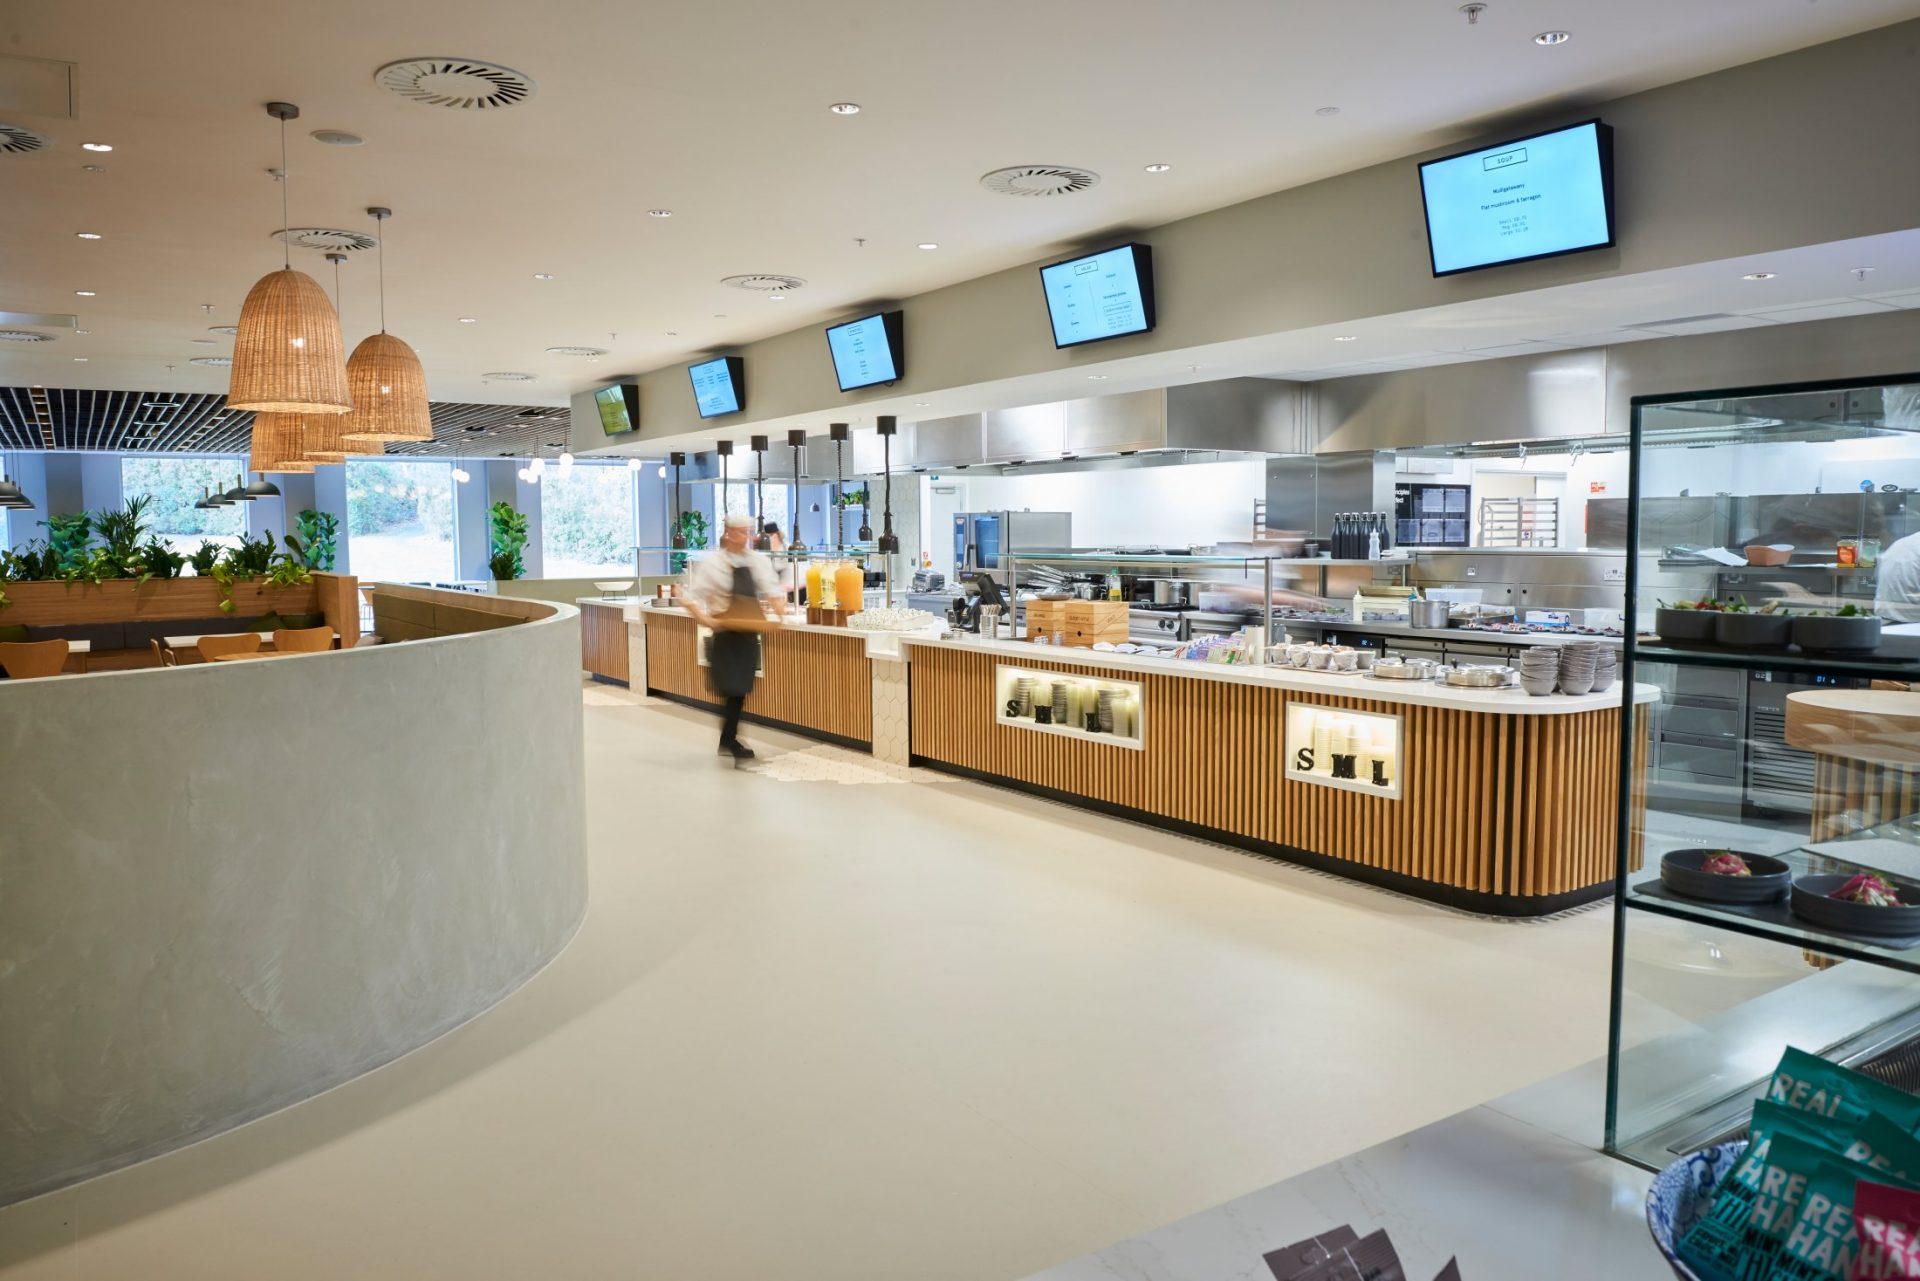 Pharmaceutical Office Cafeteria Interior Design Edge Dpm